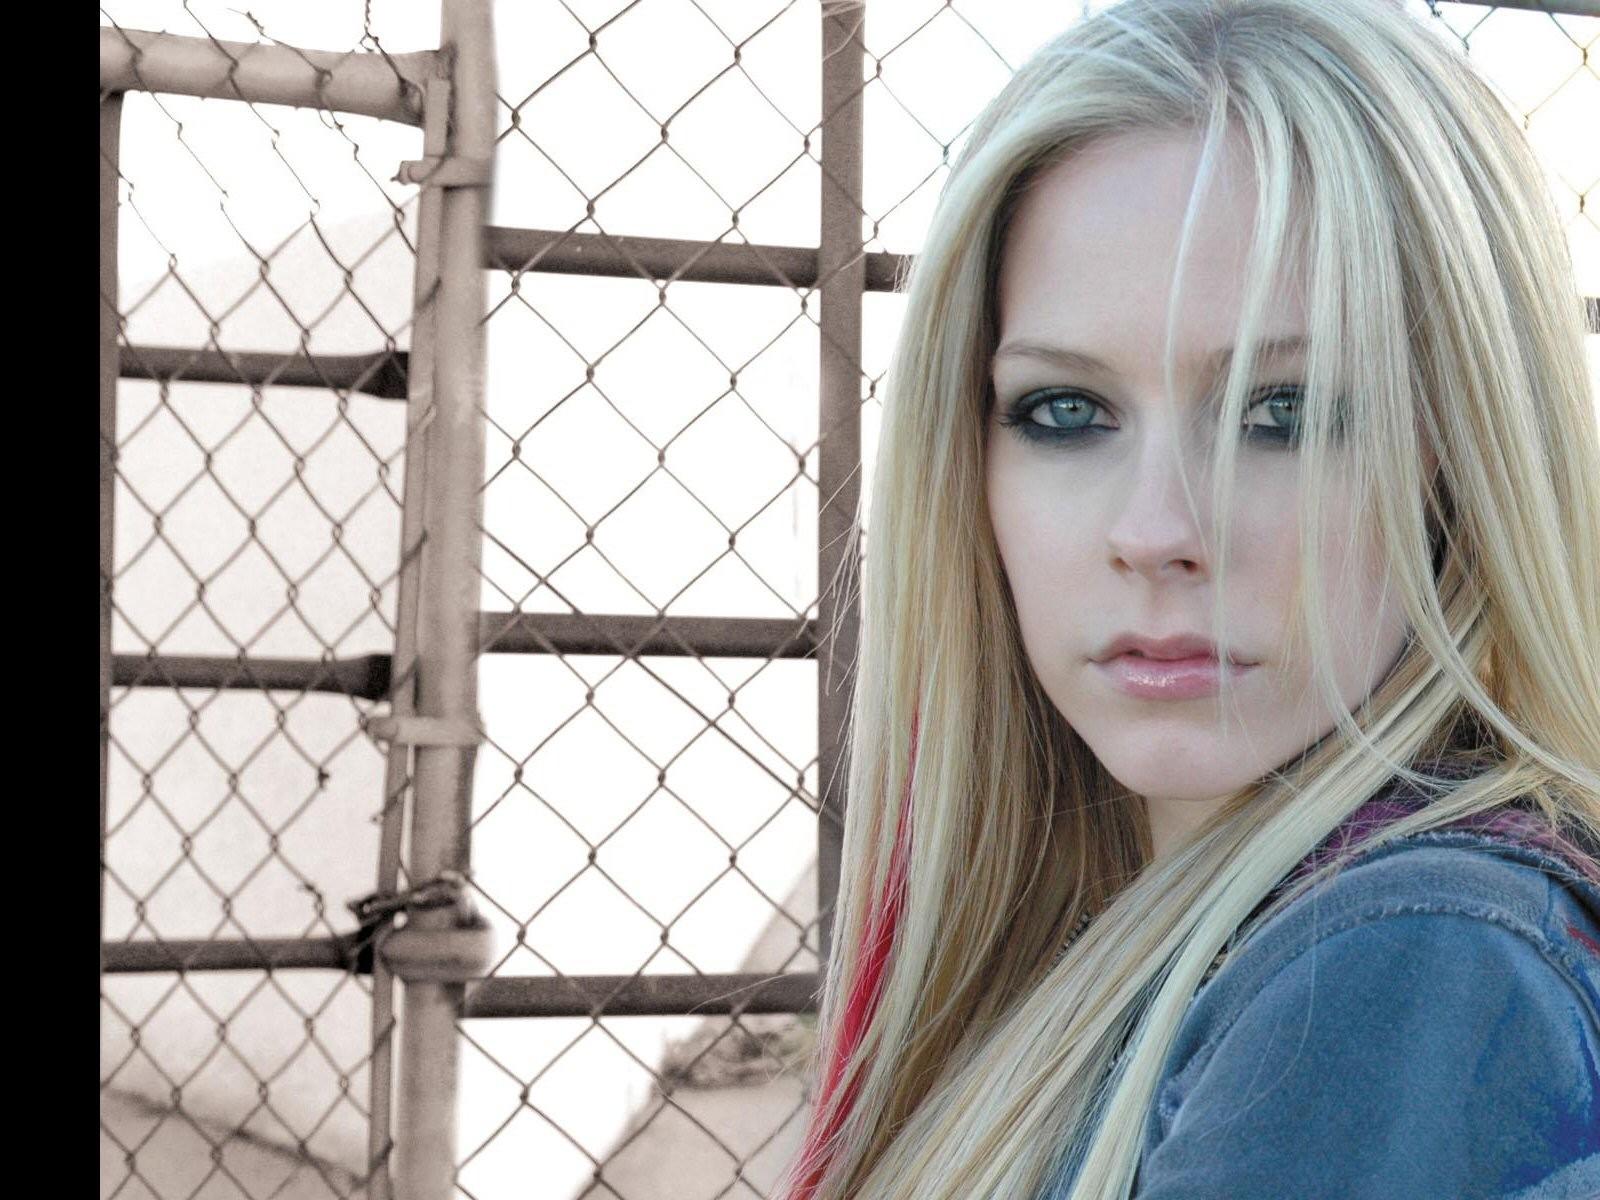 Avril girlfriend japan, cam upskirt voyeur